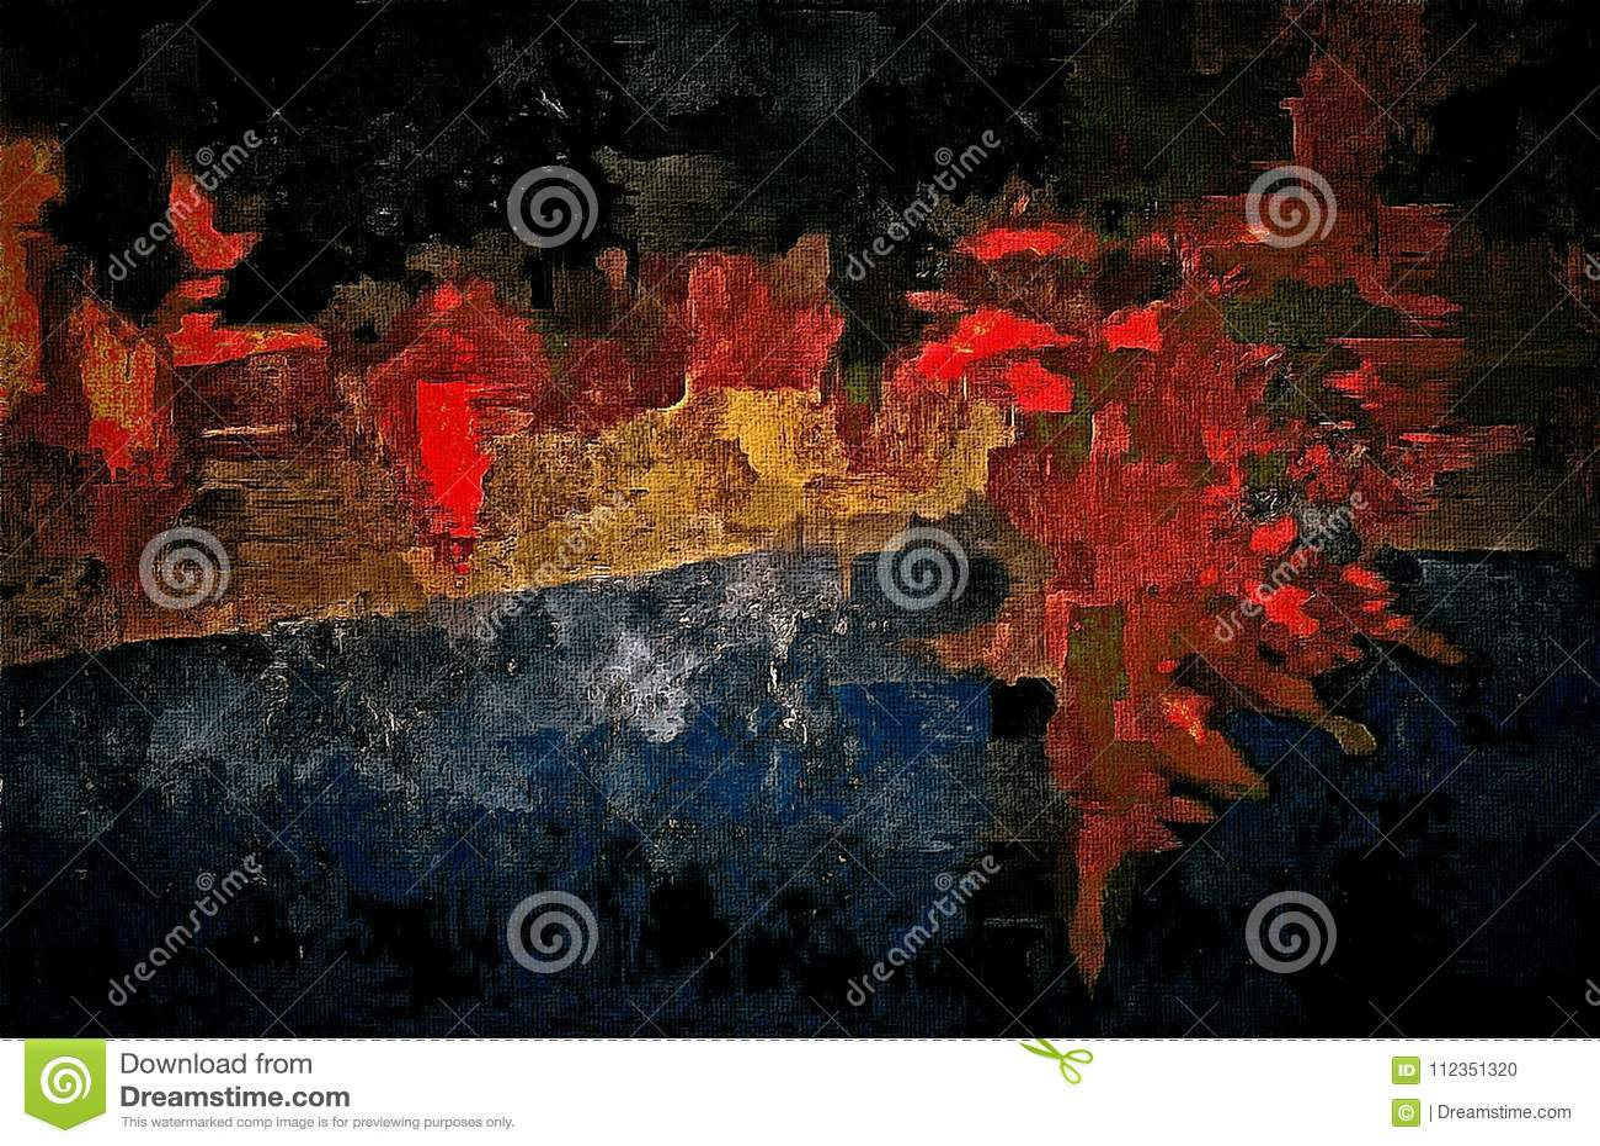 Le rétro fond grunge abstrait avec la texture de la brosse a coloré des courses de peinture et de taches sur la toile texturisée